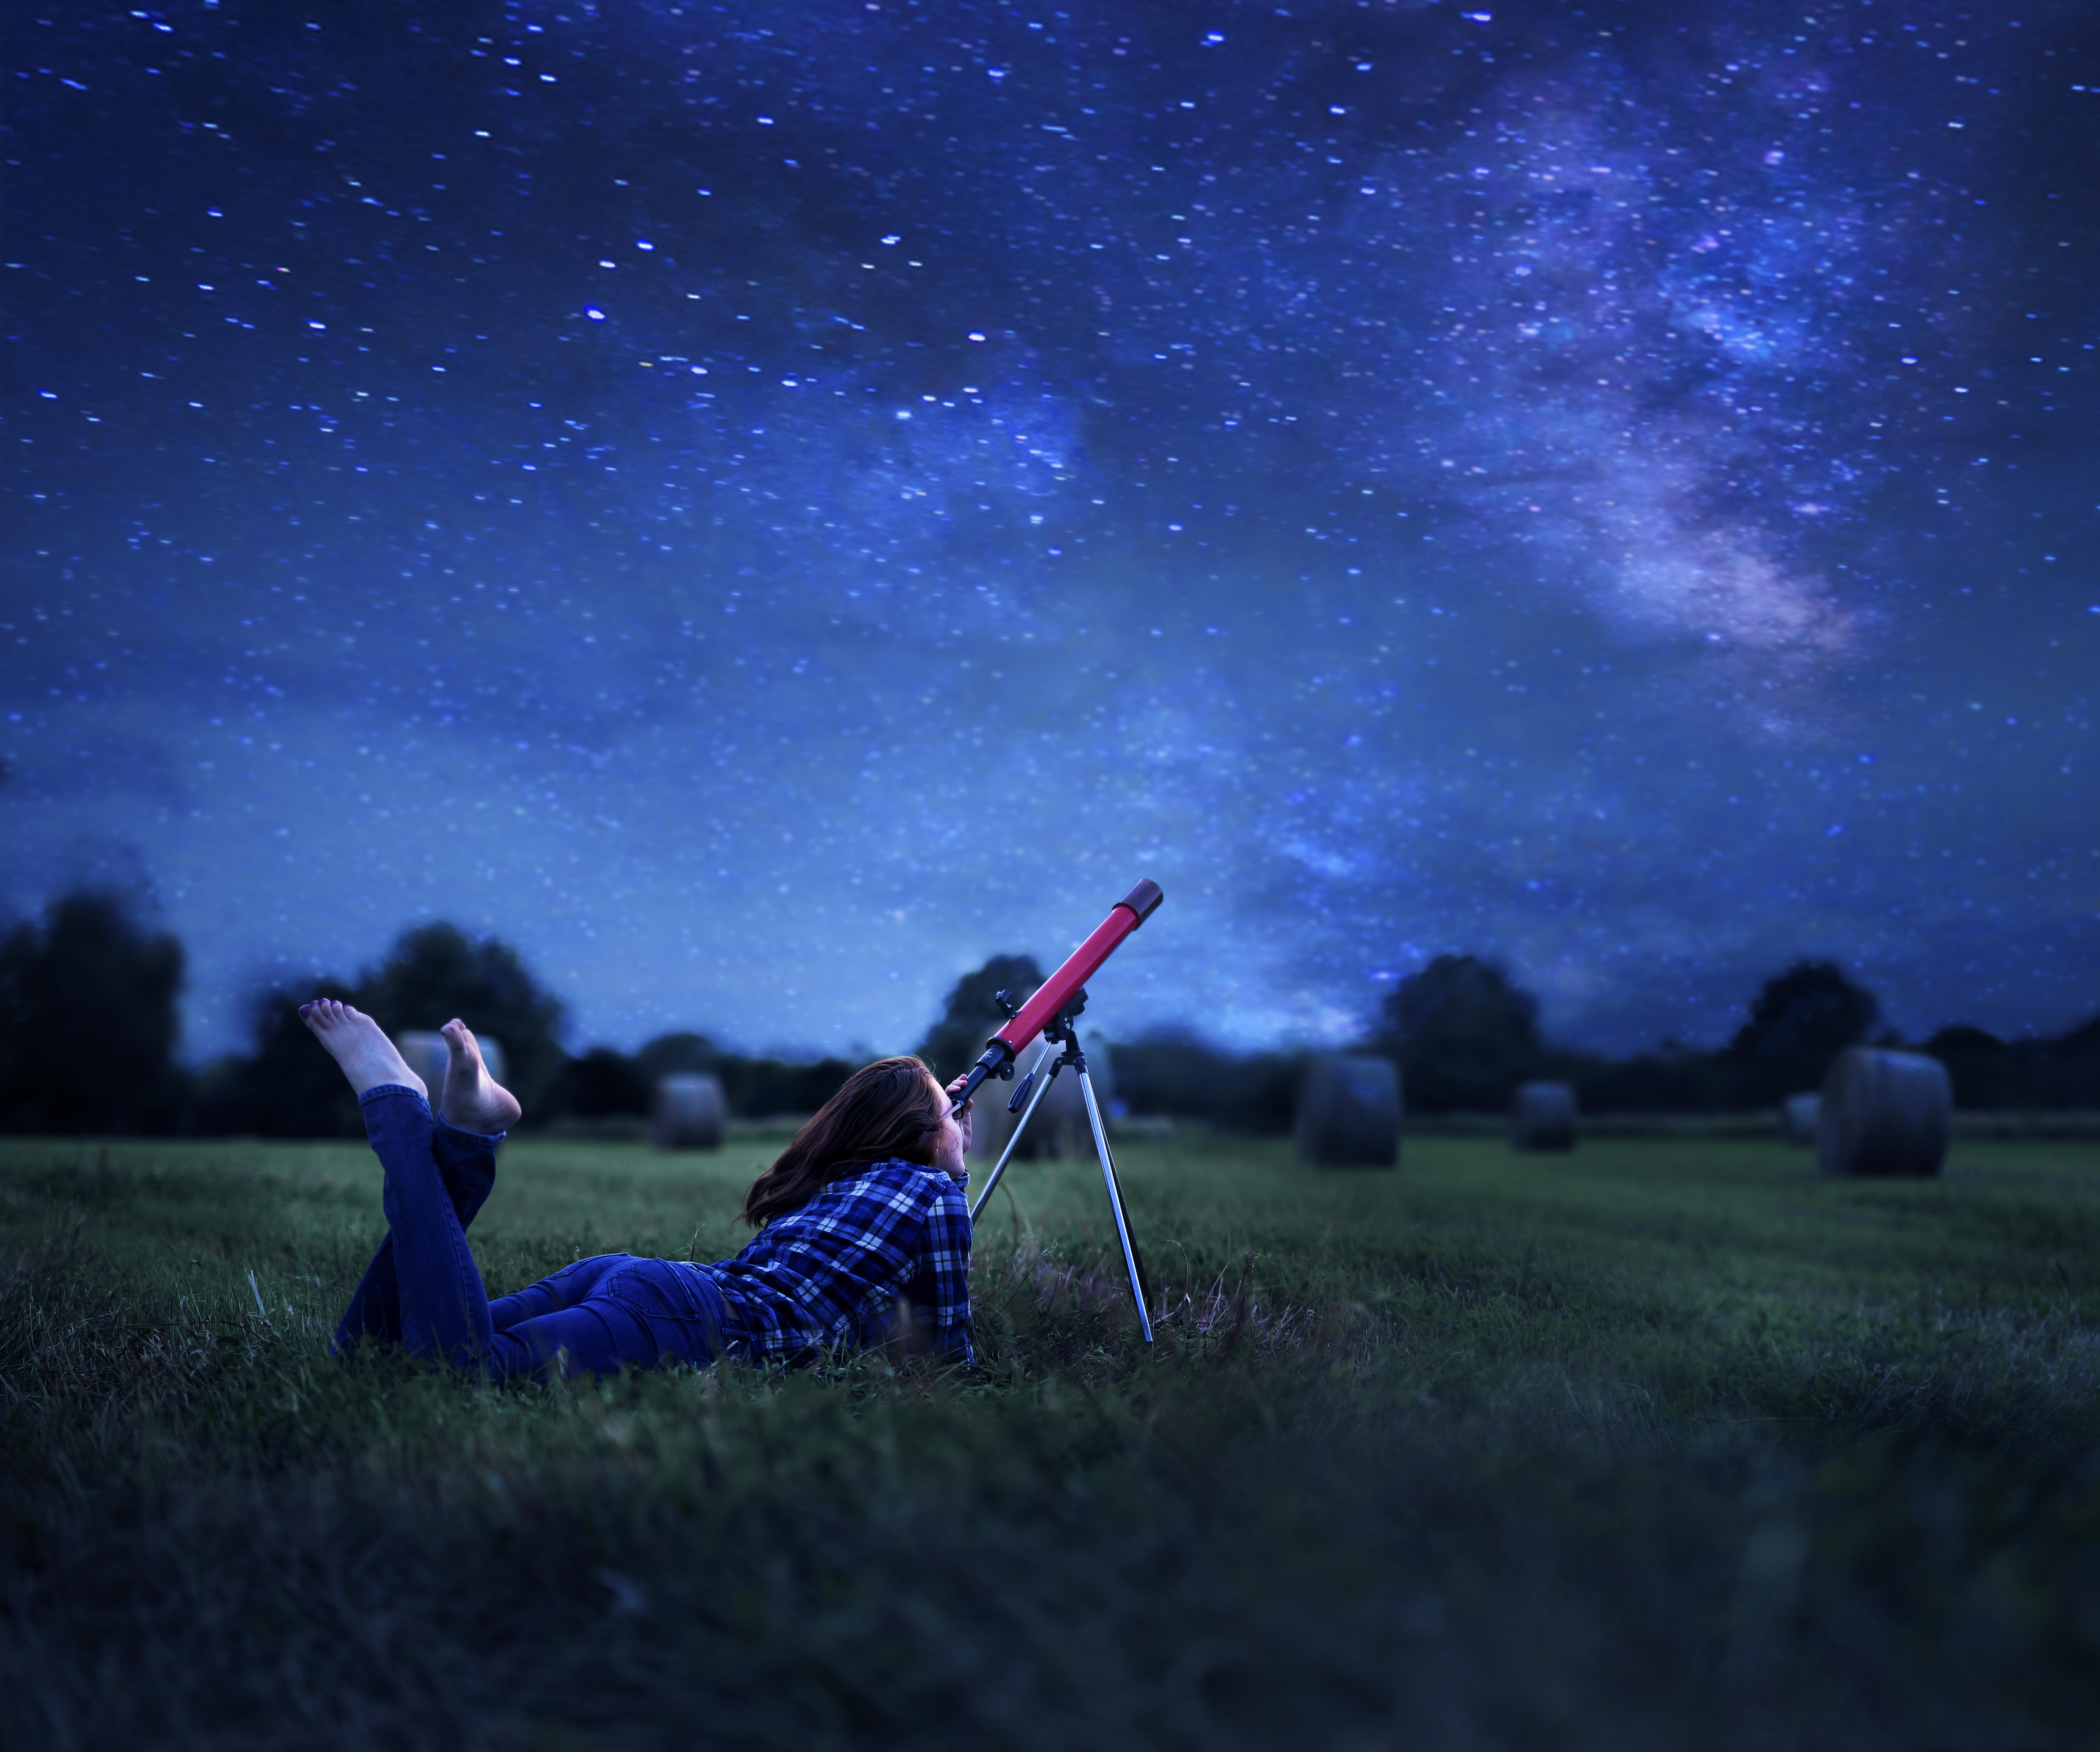 стрельба, смотрят на звезды лежа в траве фото звезда нередко используется